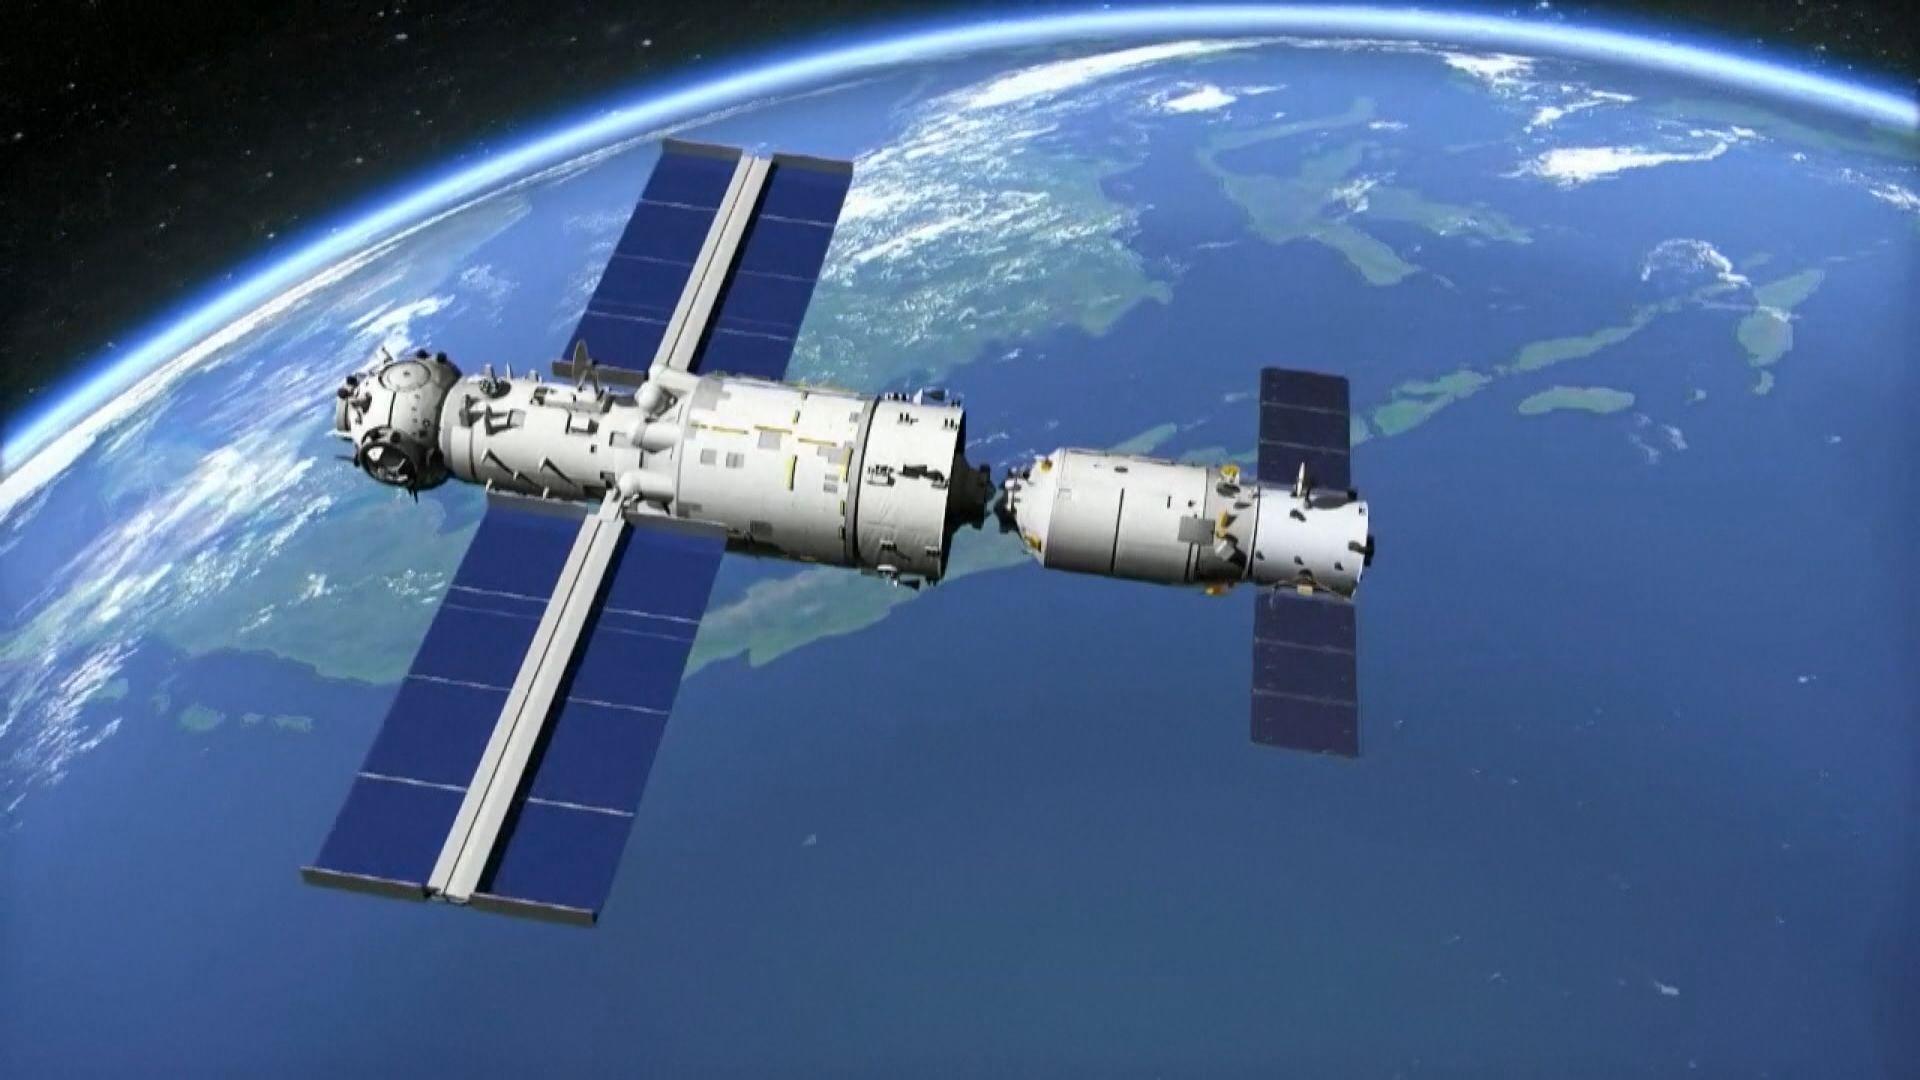 天舟二號跟天和核心艙完成對接 為太空人駐留做準備